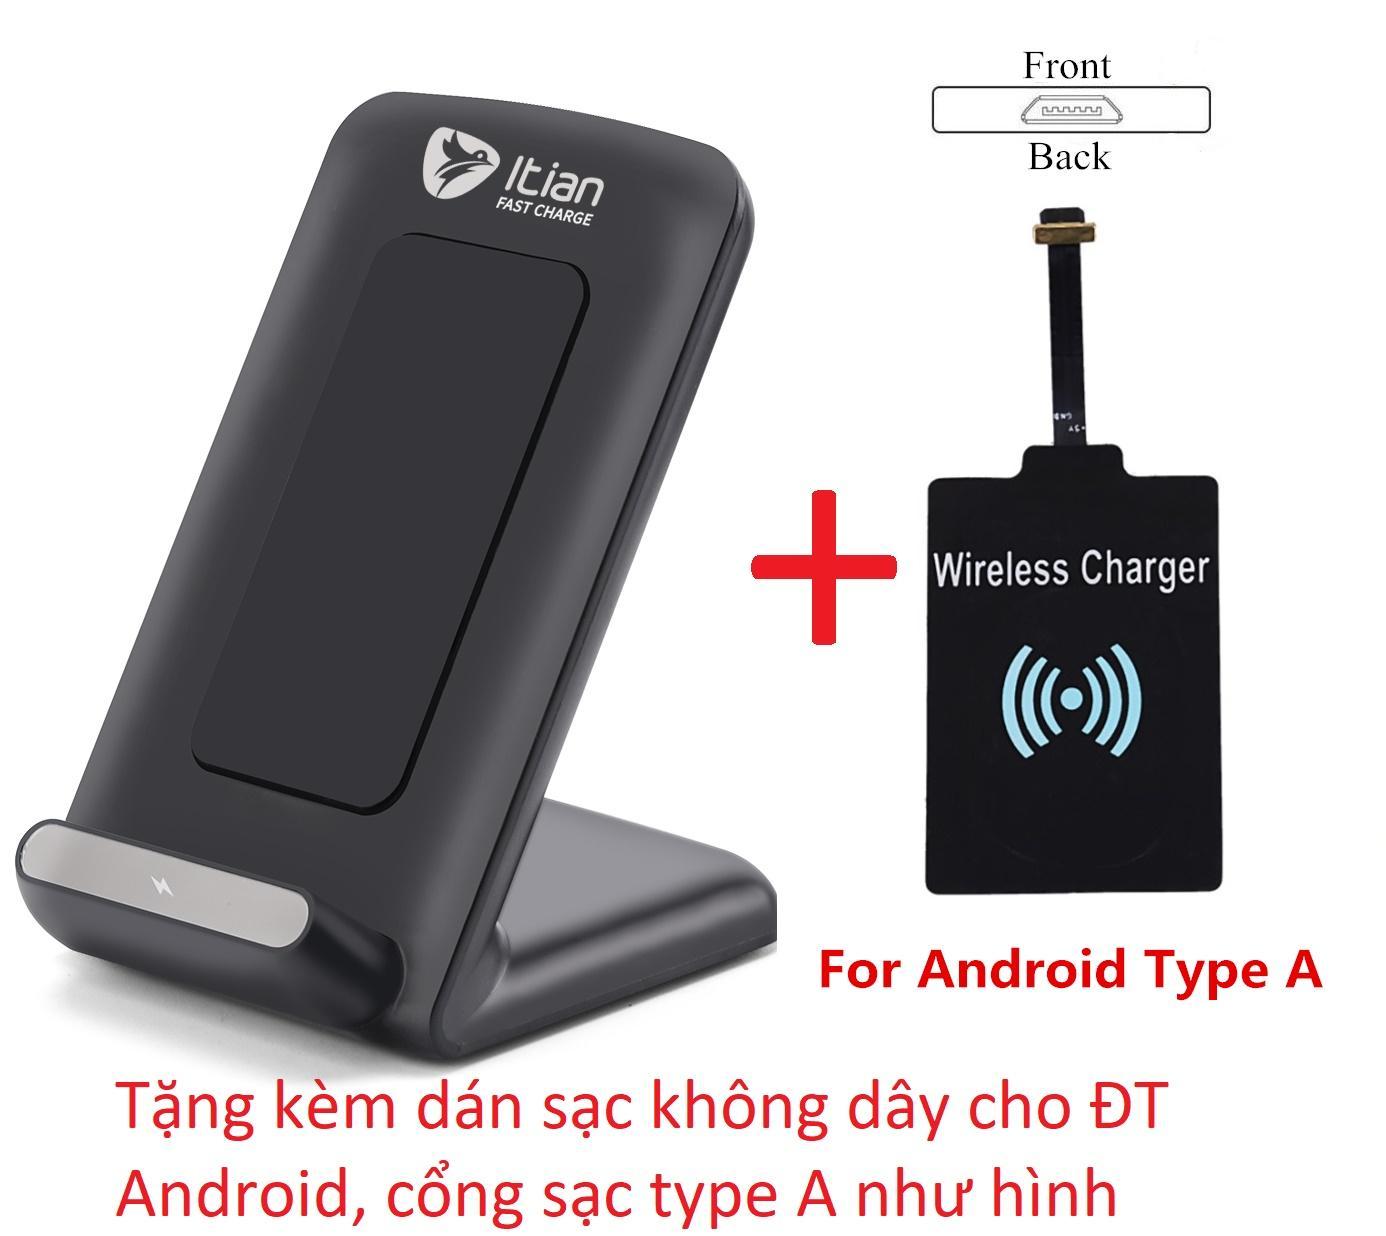 Đế Sạc Nhanh Fastcharge Khong Day Cho Samsung S6 S7 S8 Iphone8 Iphonex Qi Itian A18 10W Đen Tặng Kem Dan Sạc Khong Day Android Hồ Chí Minh Chiết Khấu 50